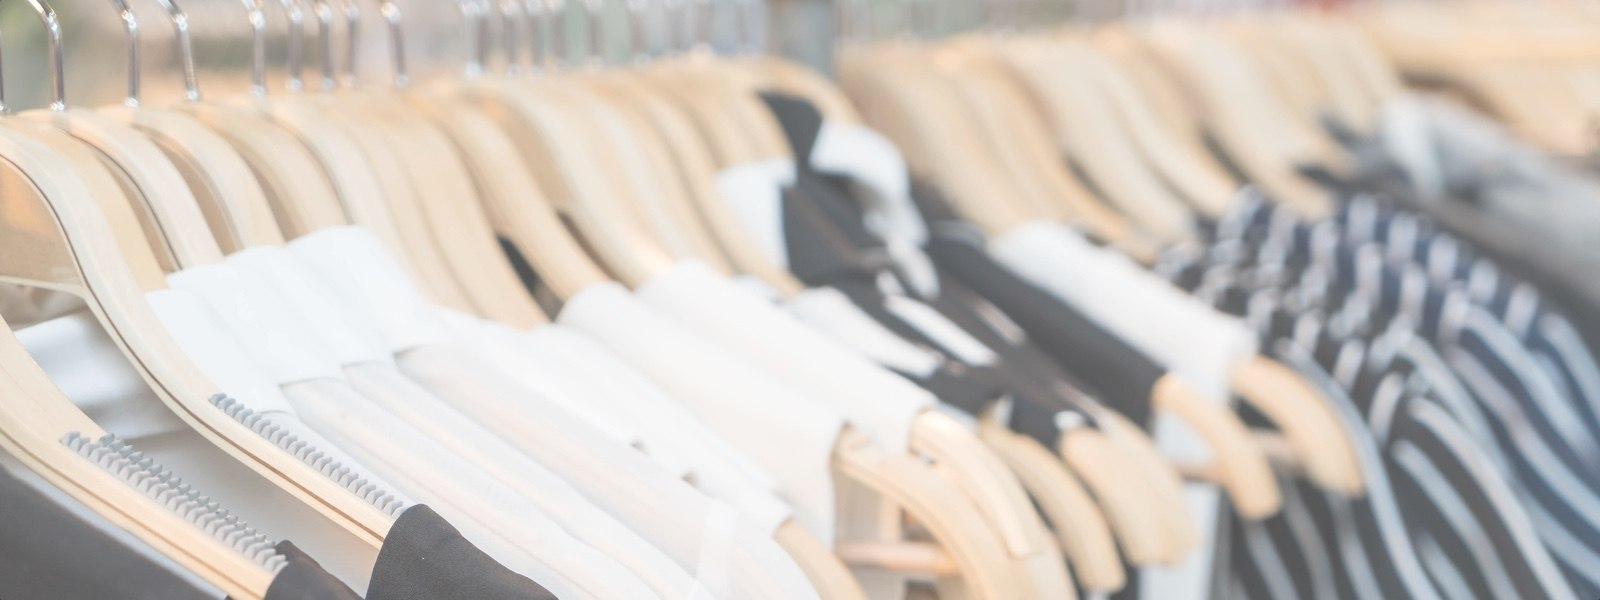 Купить автоматический гардероб по низкой цене